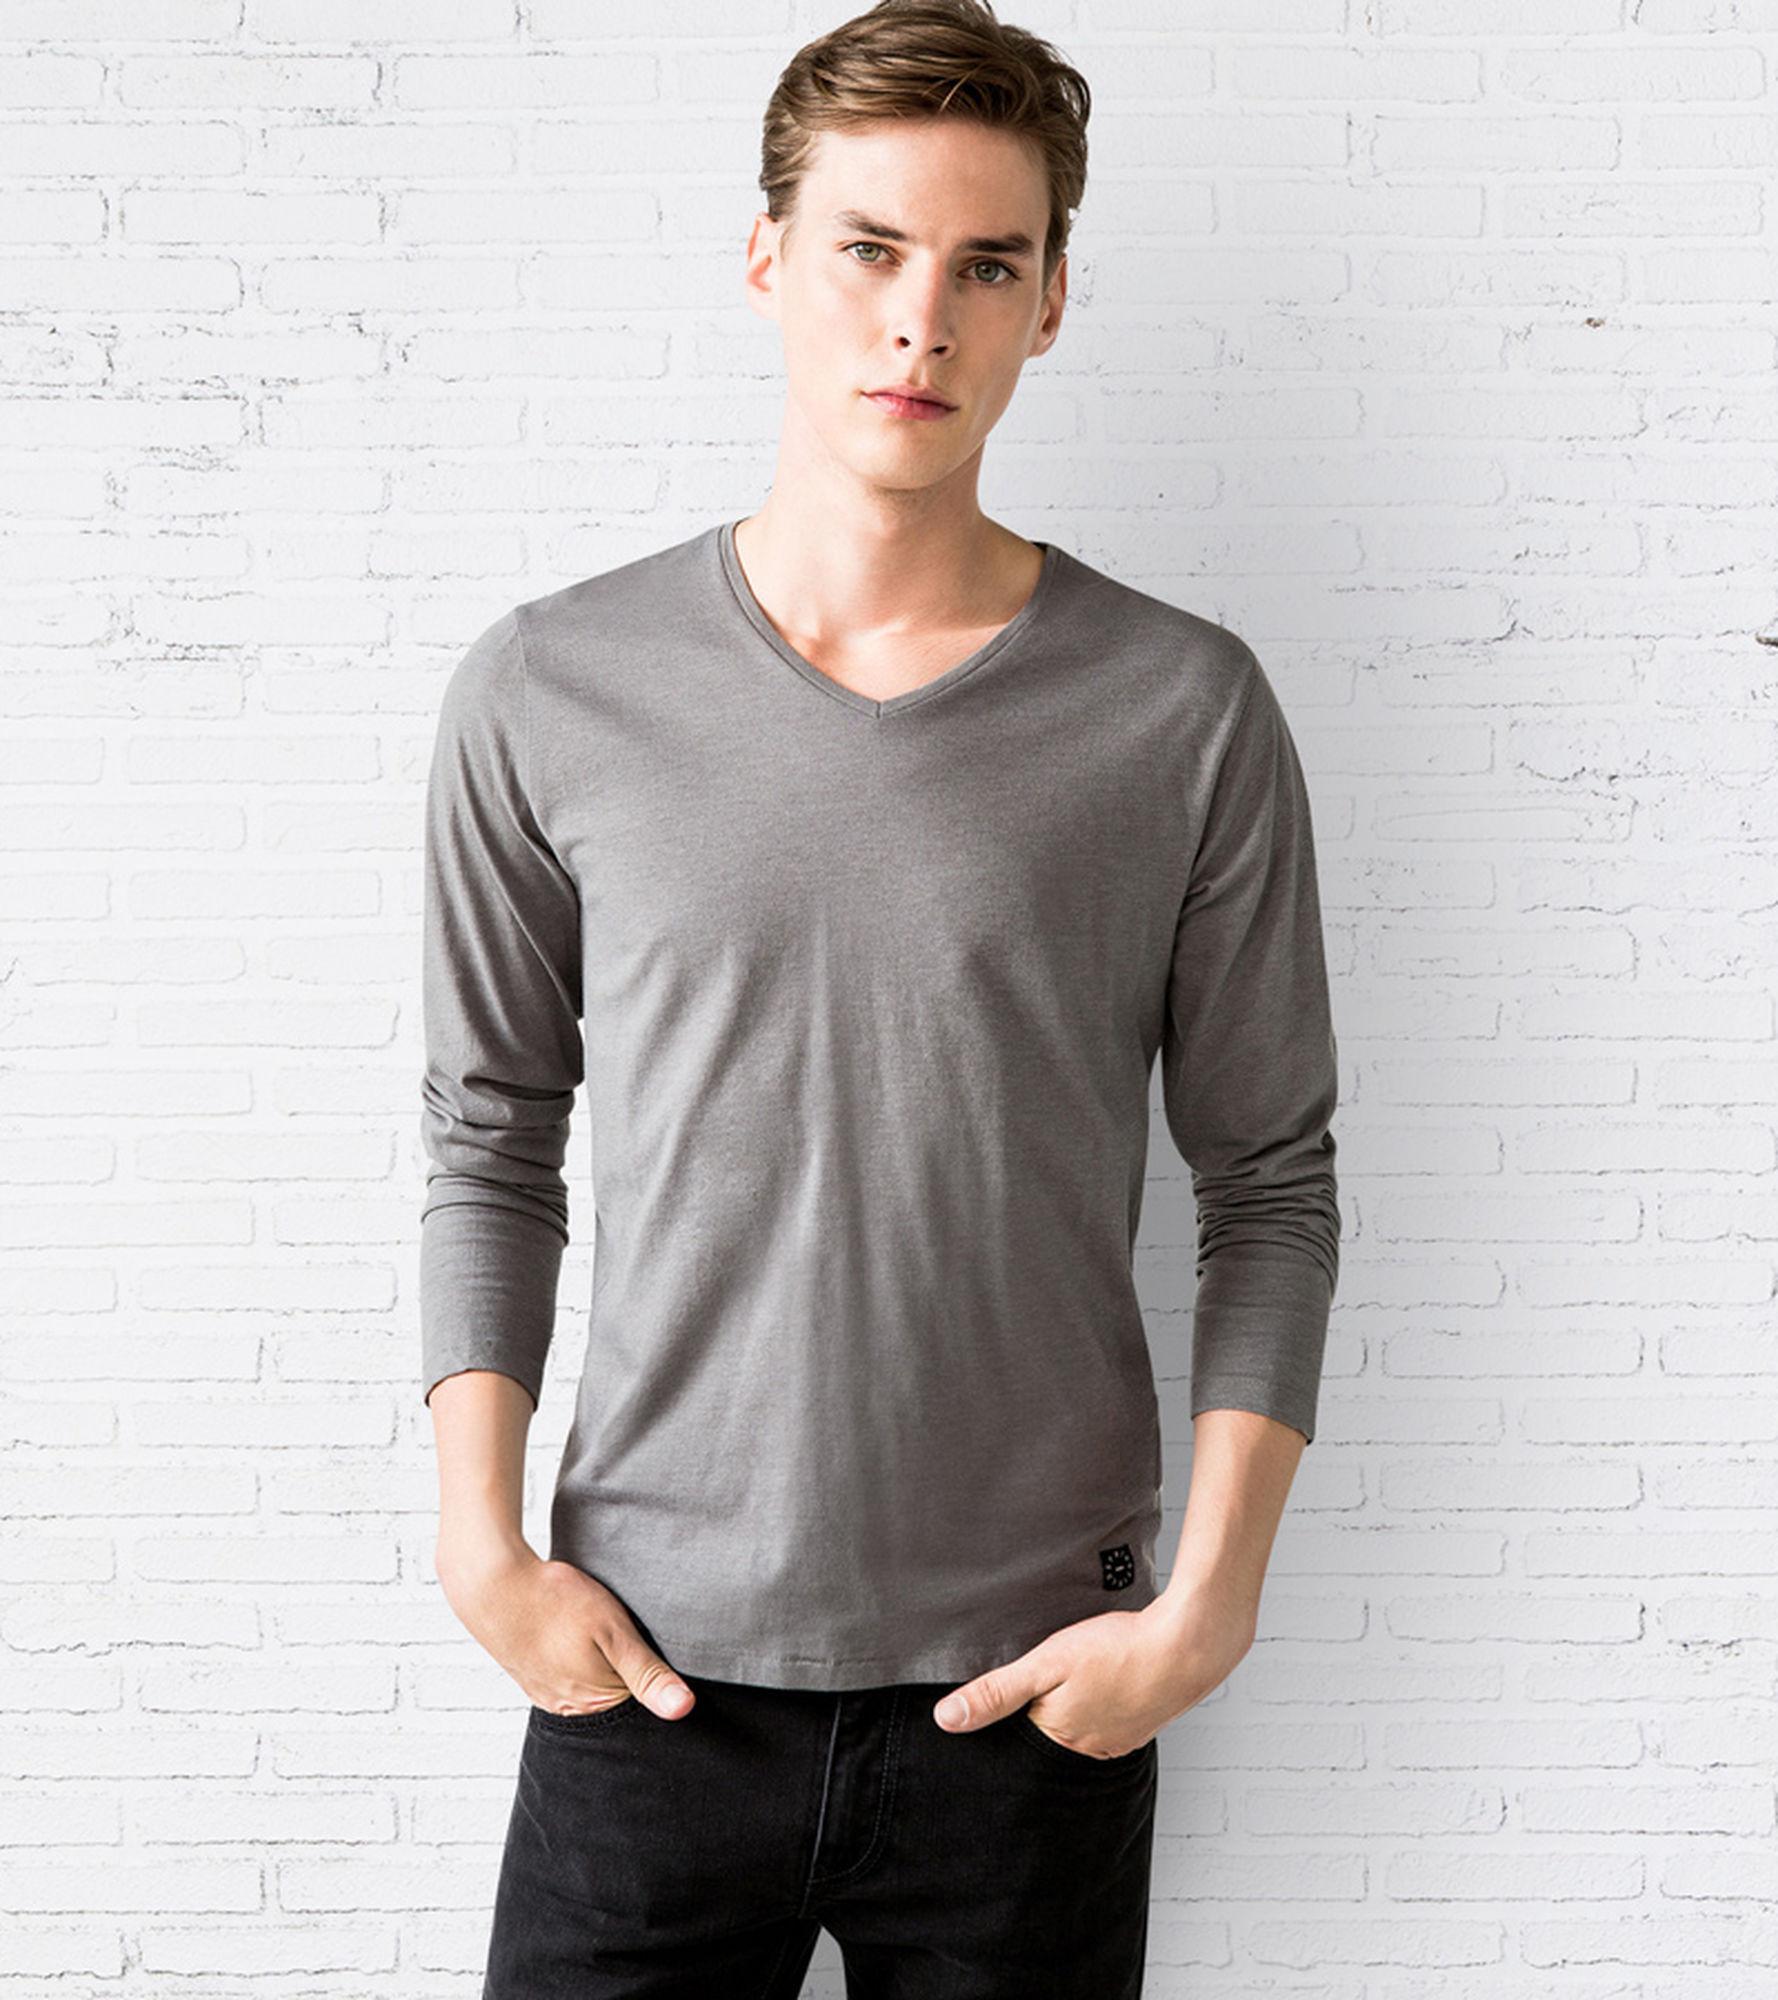 Jusqu'à 50% de réduction sur une sélection de vêtements - Ex : T-Shirt Manches longues col V Homme